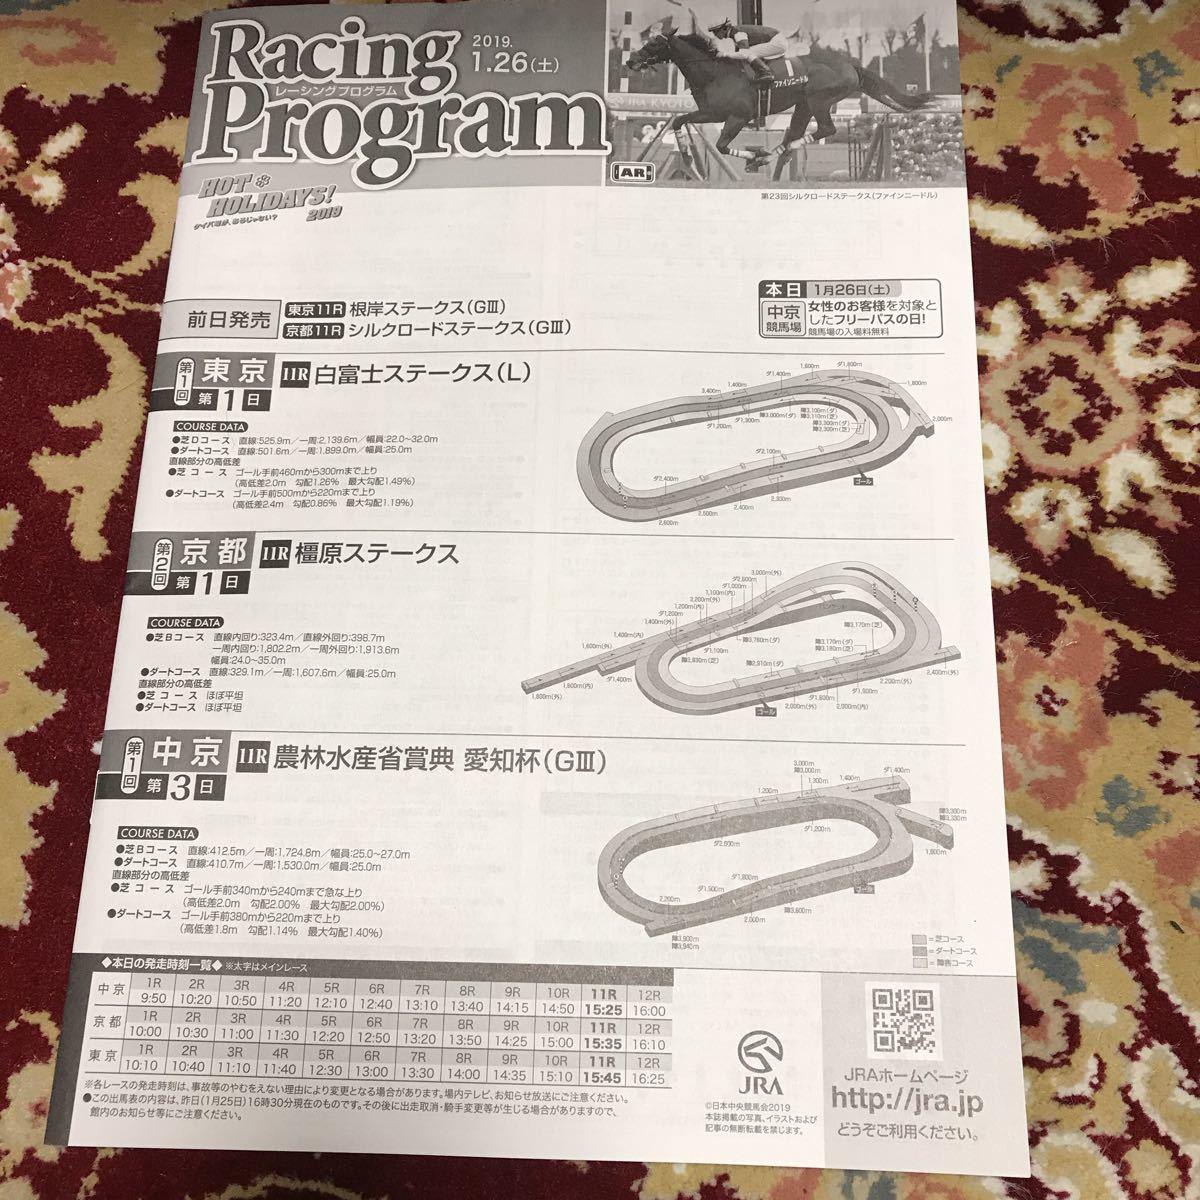 JRAレーシングプログラム2019.1.26(土)愛知杯(GⅢ)、白富士ステークス(L)、橿原ステークス_画像1